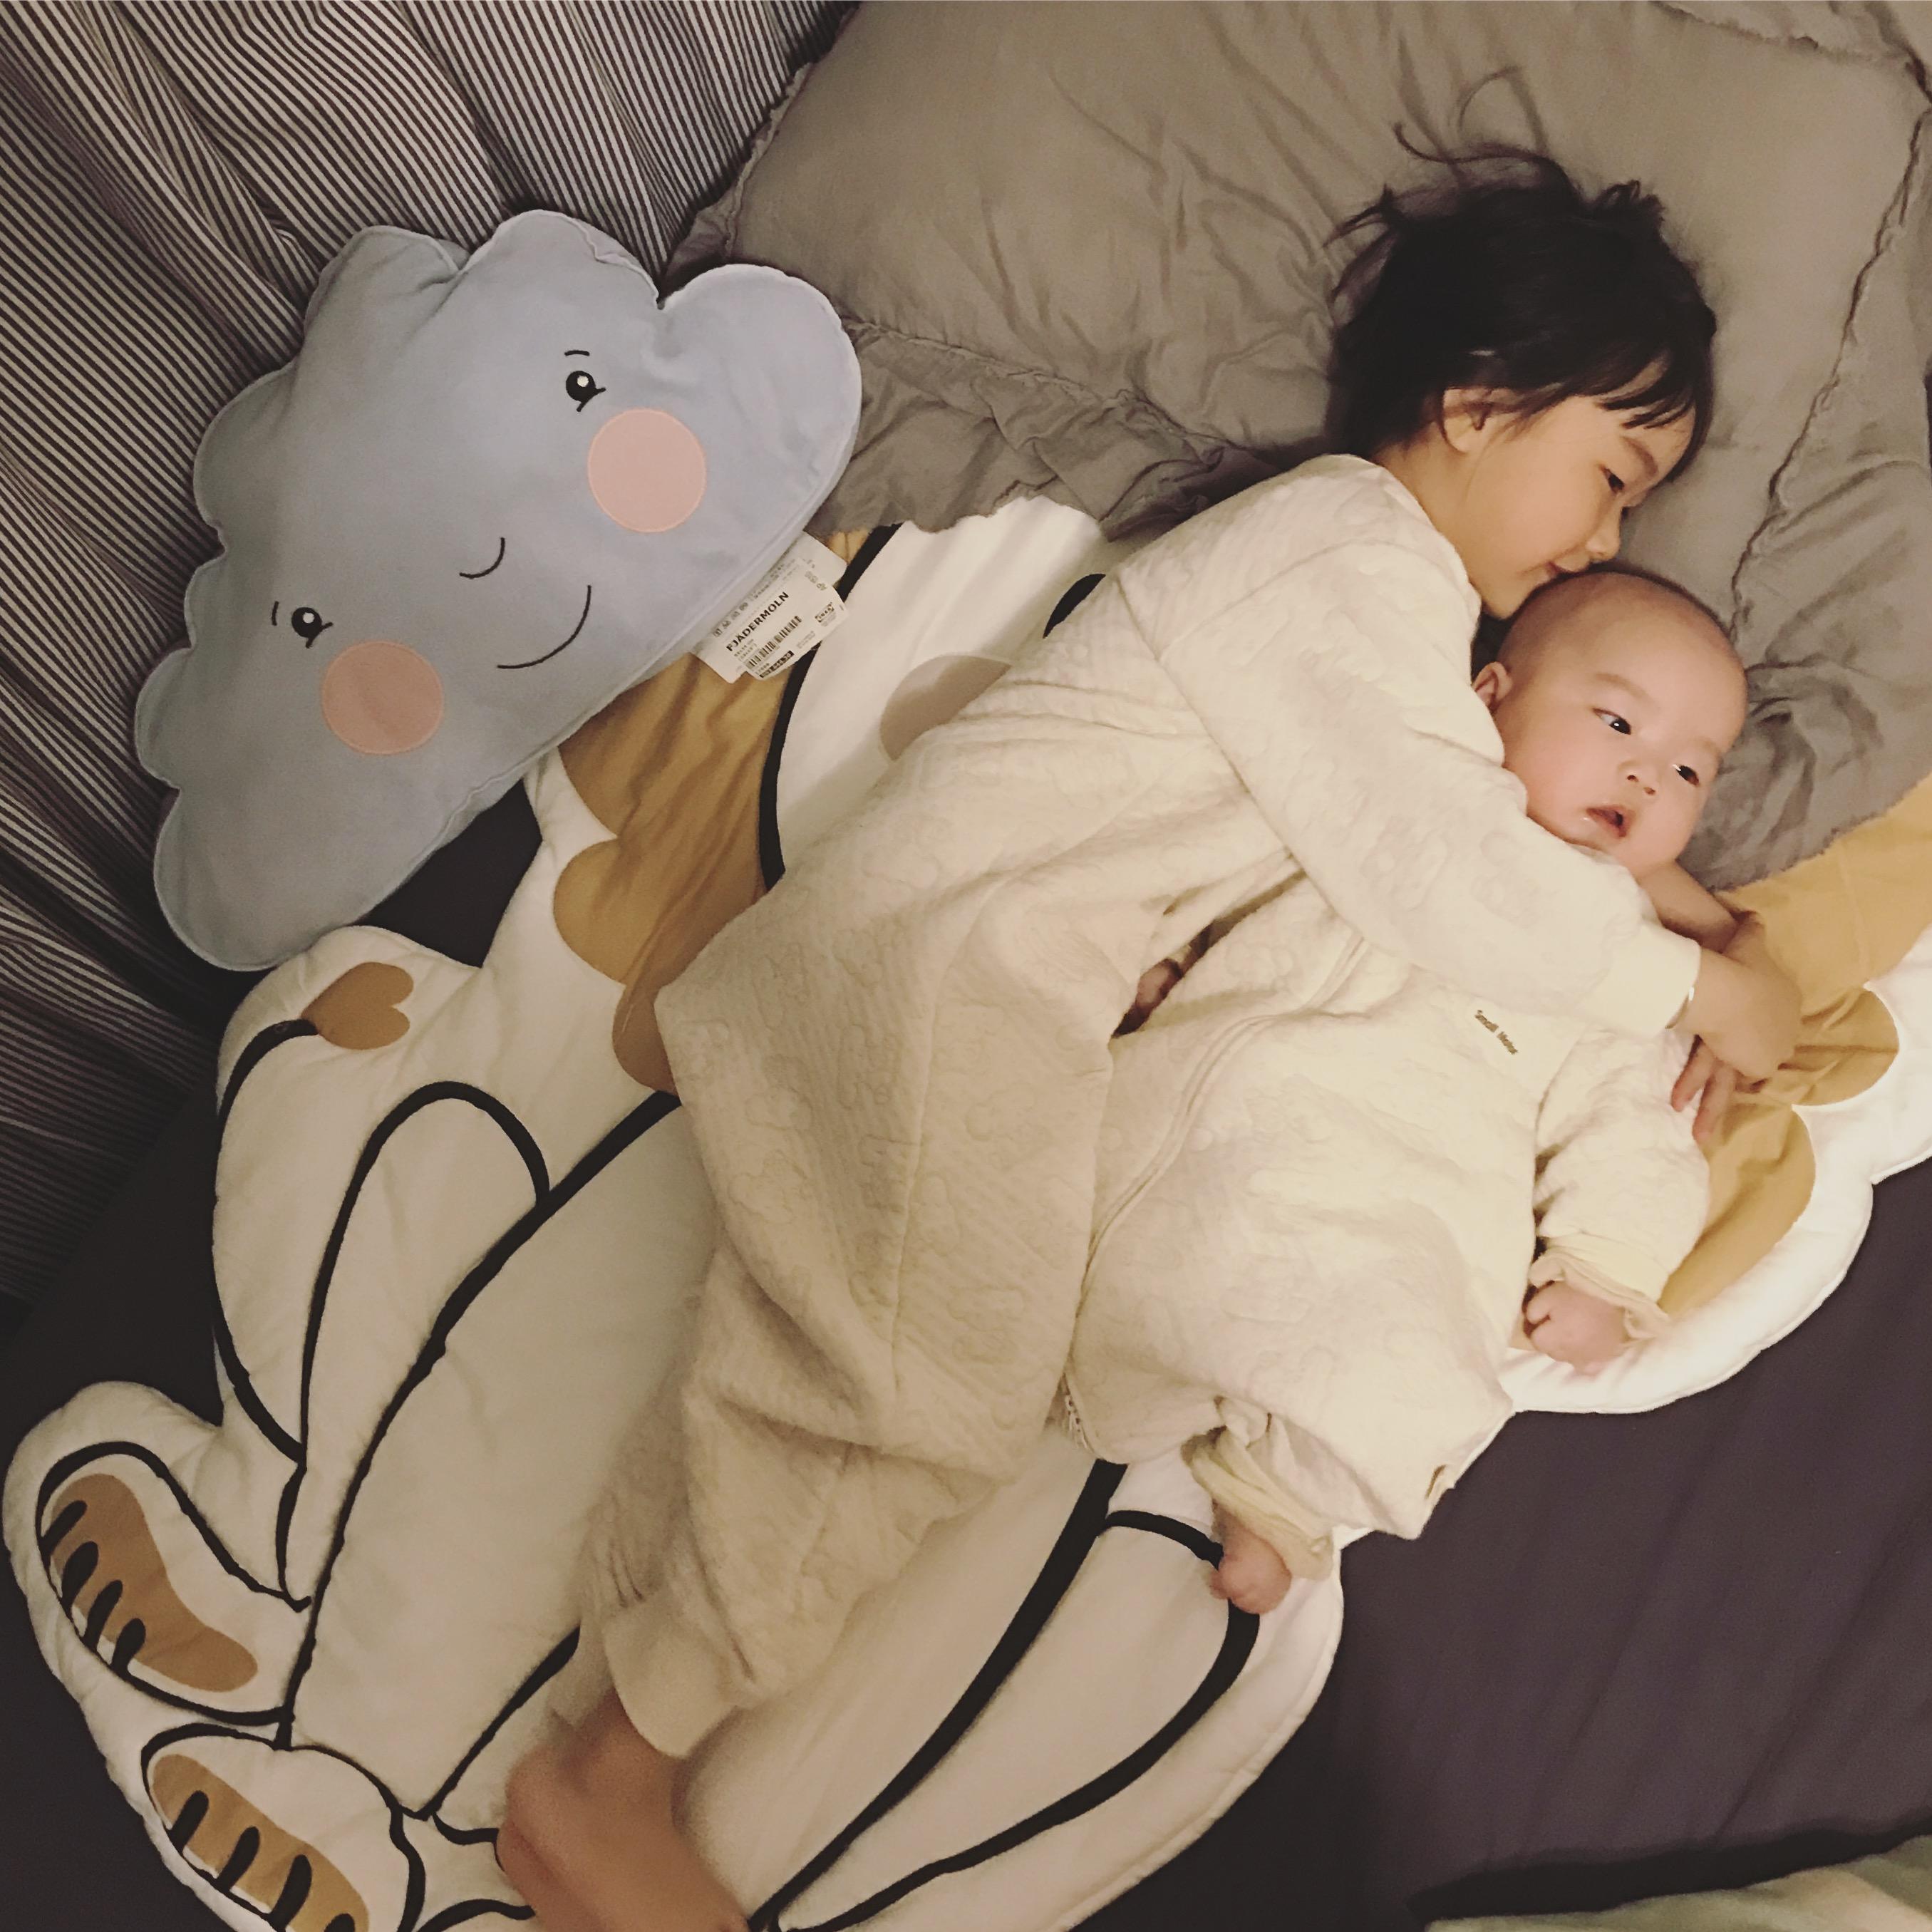 安全到可以吃的有机棉 新疆有机彩棉分腿睡袋  春秋款 100%全棉